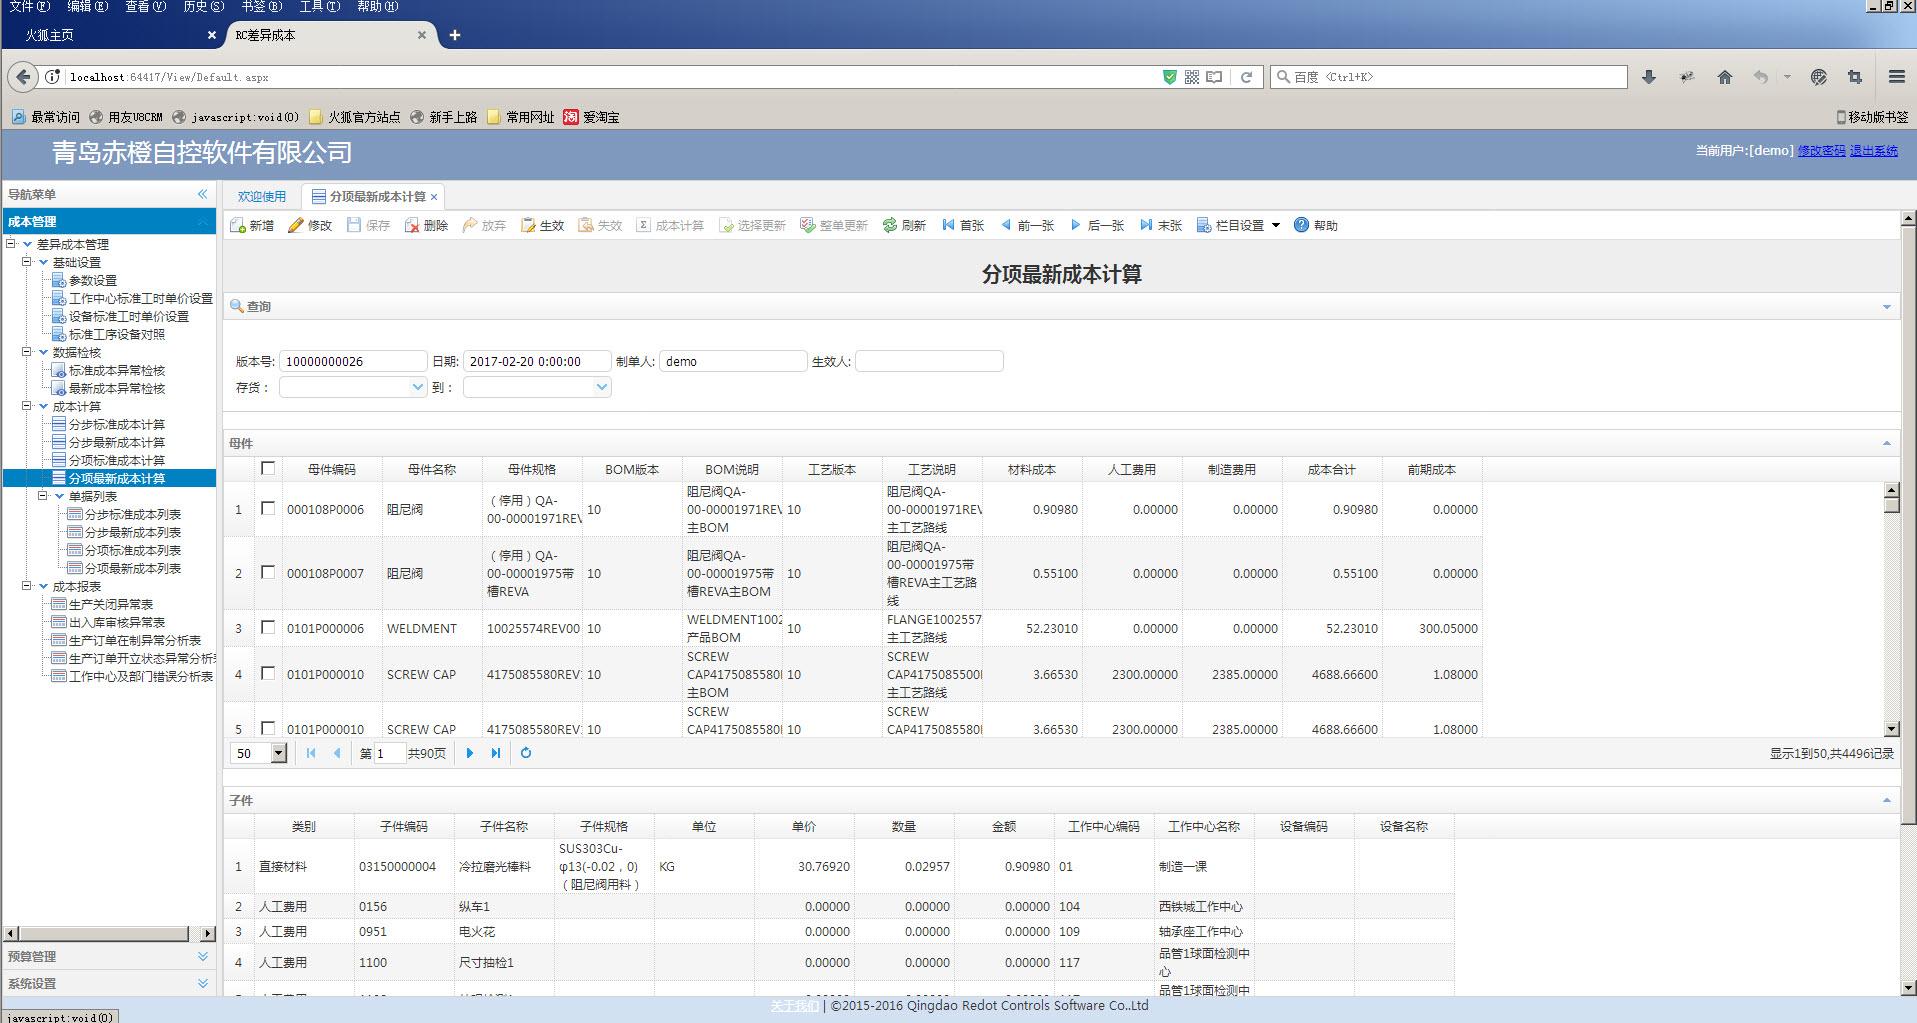 乐虎国际线上娱乐:【乐虎国际网页】RC差异成本管控系统(1.0)